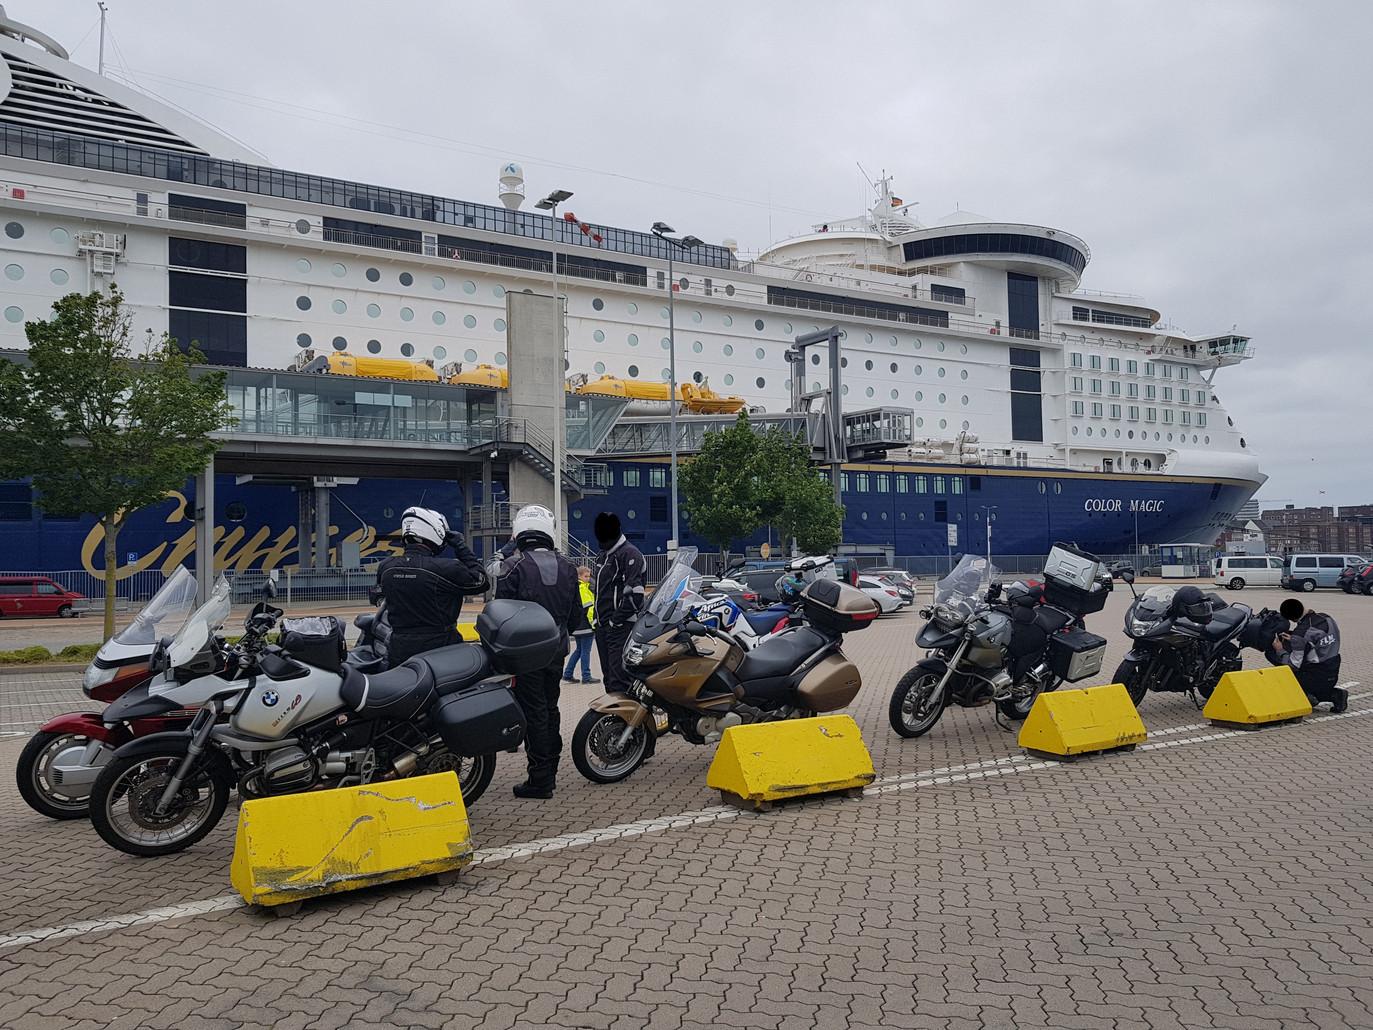 Abfahrt Kiel - Oslo